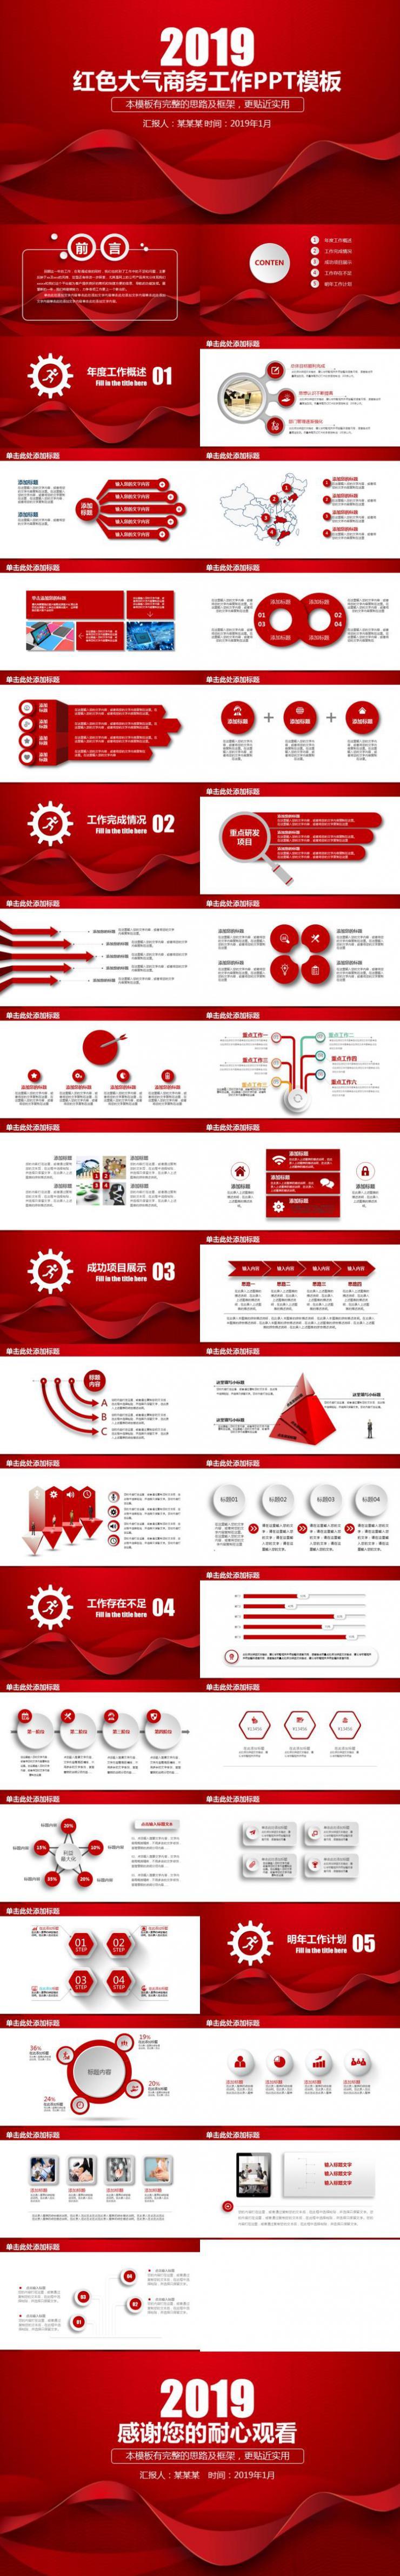 红色大气商务工作年终总结动态PPT模板